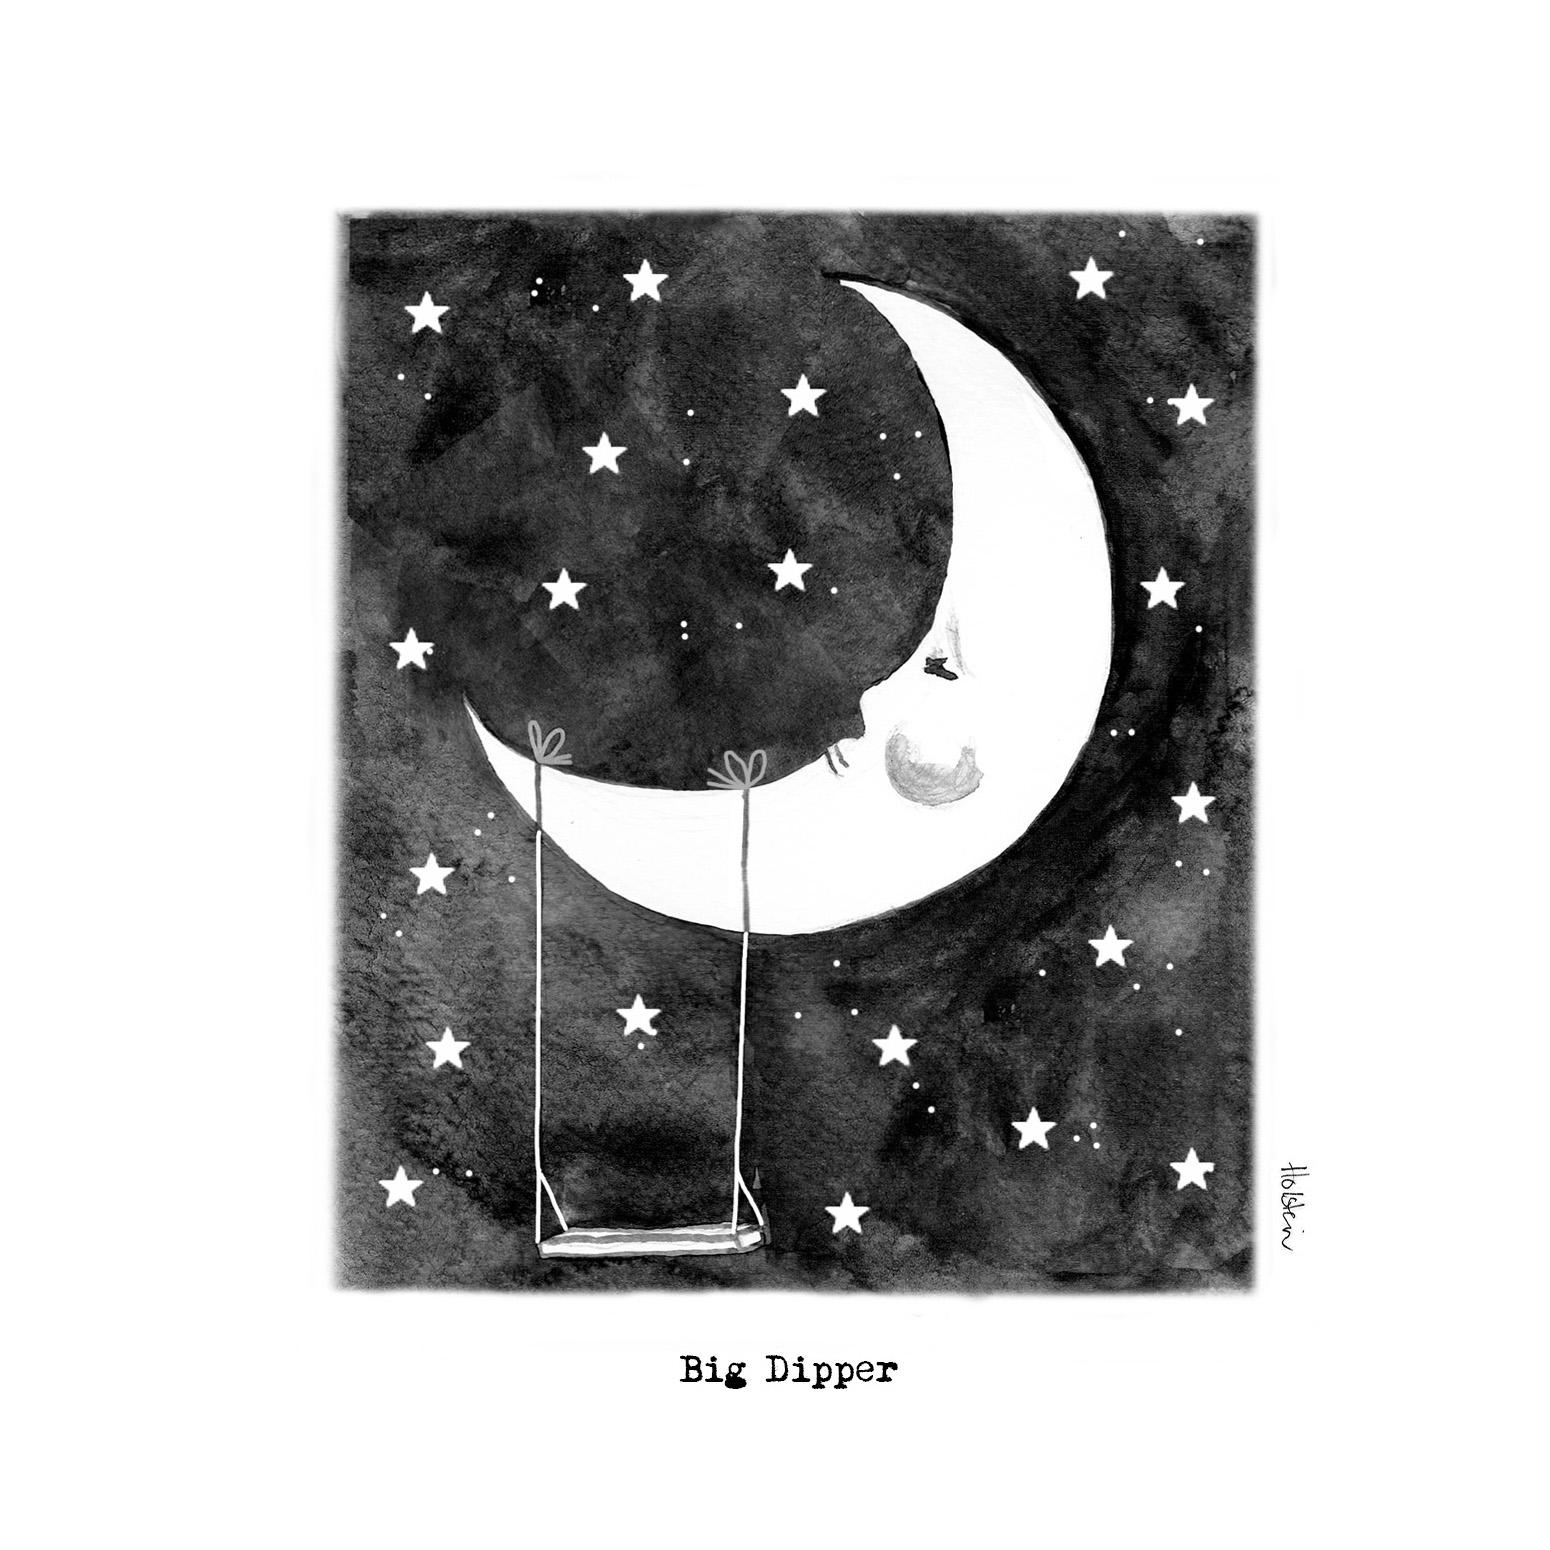 Free Big Dipper Poster Print